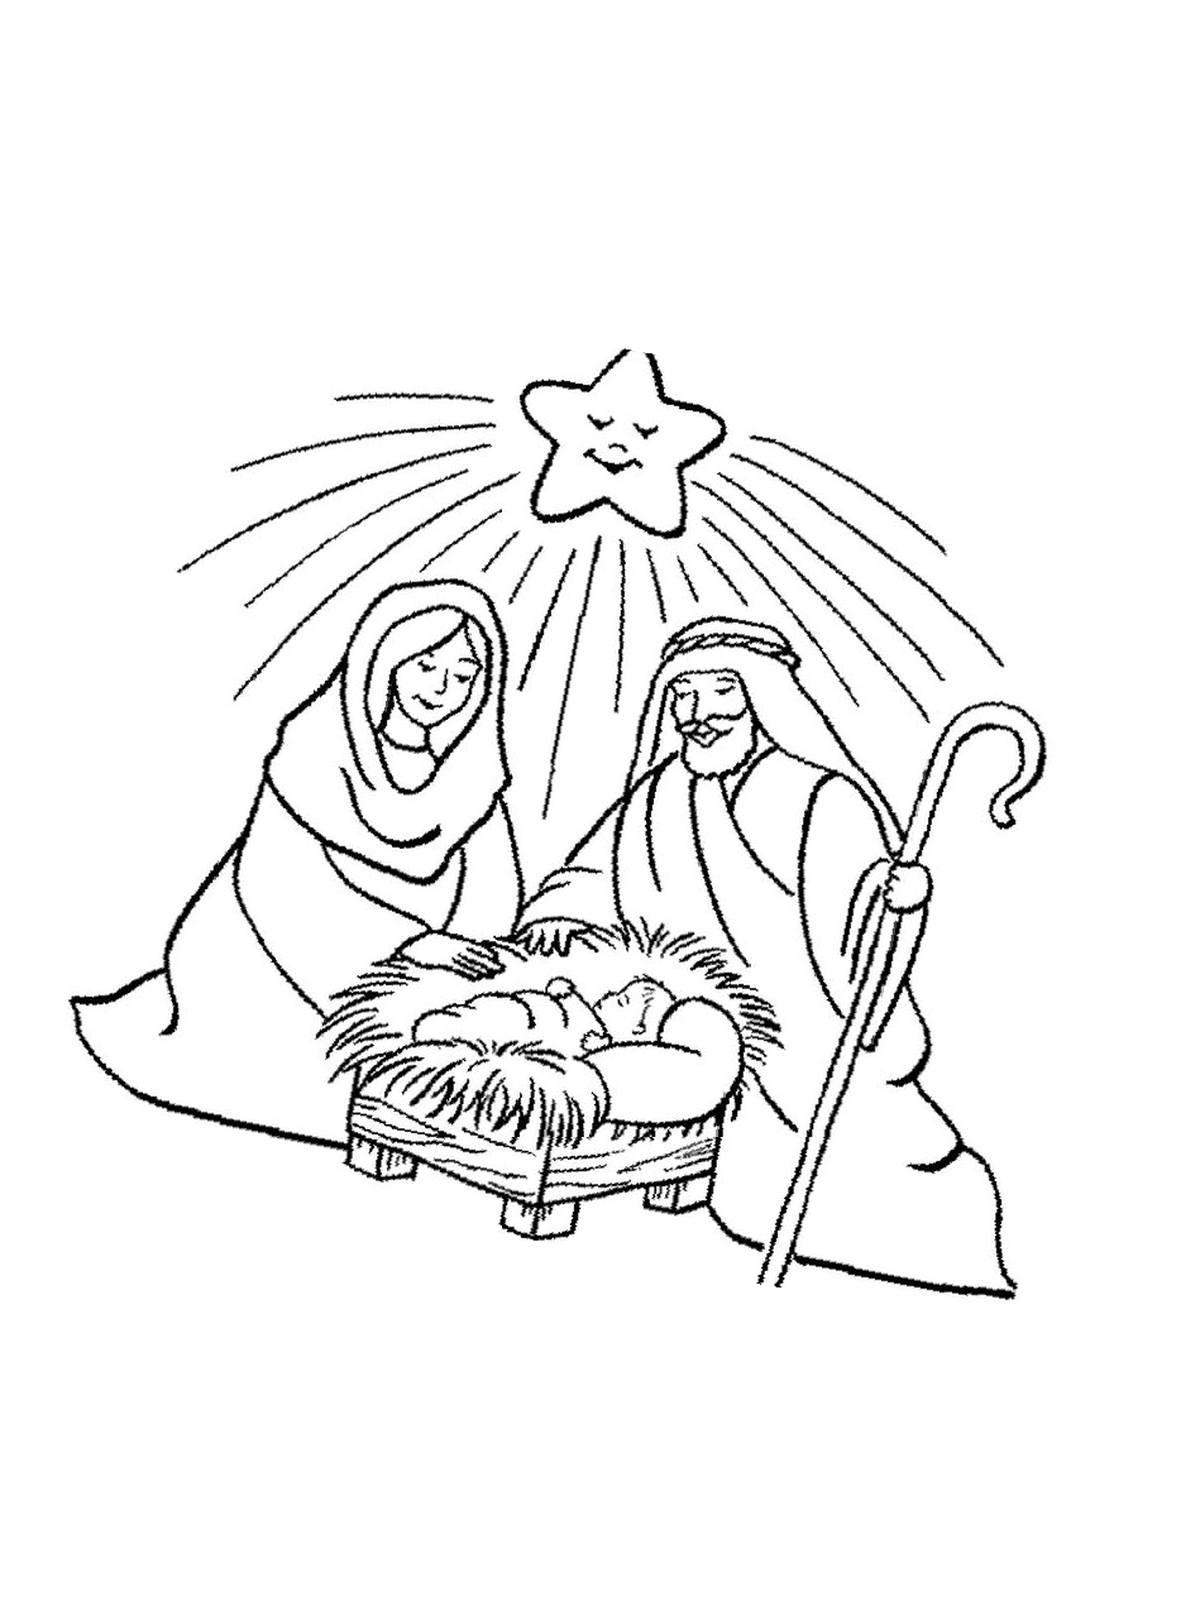 Ausmalbilder, Malvorlagen Von Weihnachten Kostenlos Zum bestimmt für Ausmalbilder Weihnachten Ausdrucken